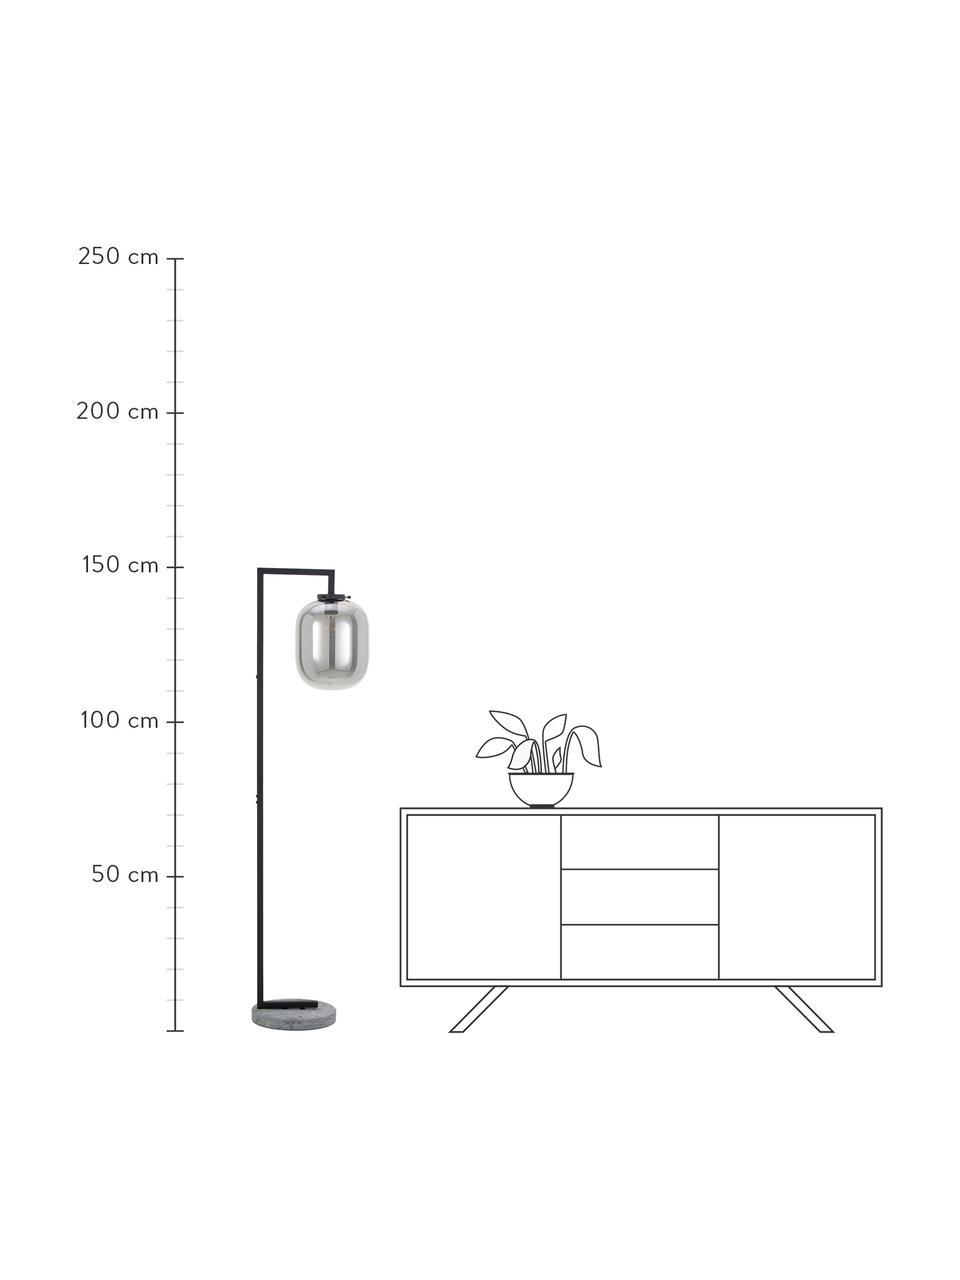 Stehlampe Leola aus Marmor und Spiegelglas, Lampenschirm: Glas, verspiegelt, Gestell: Metall, lackiert, Lampenfuß: Marmor, Chromfarben, Schwarz, 38 x 150 cm